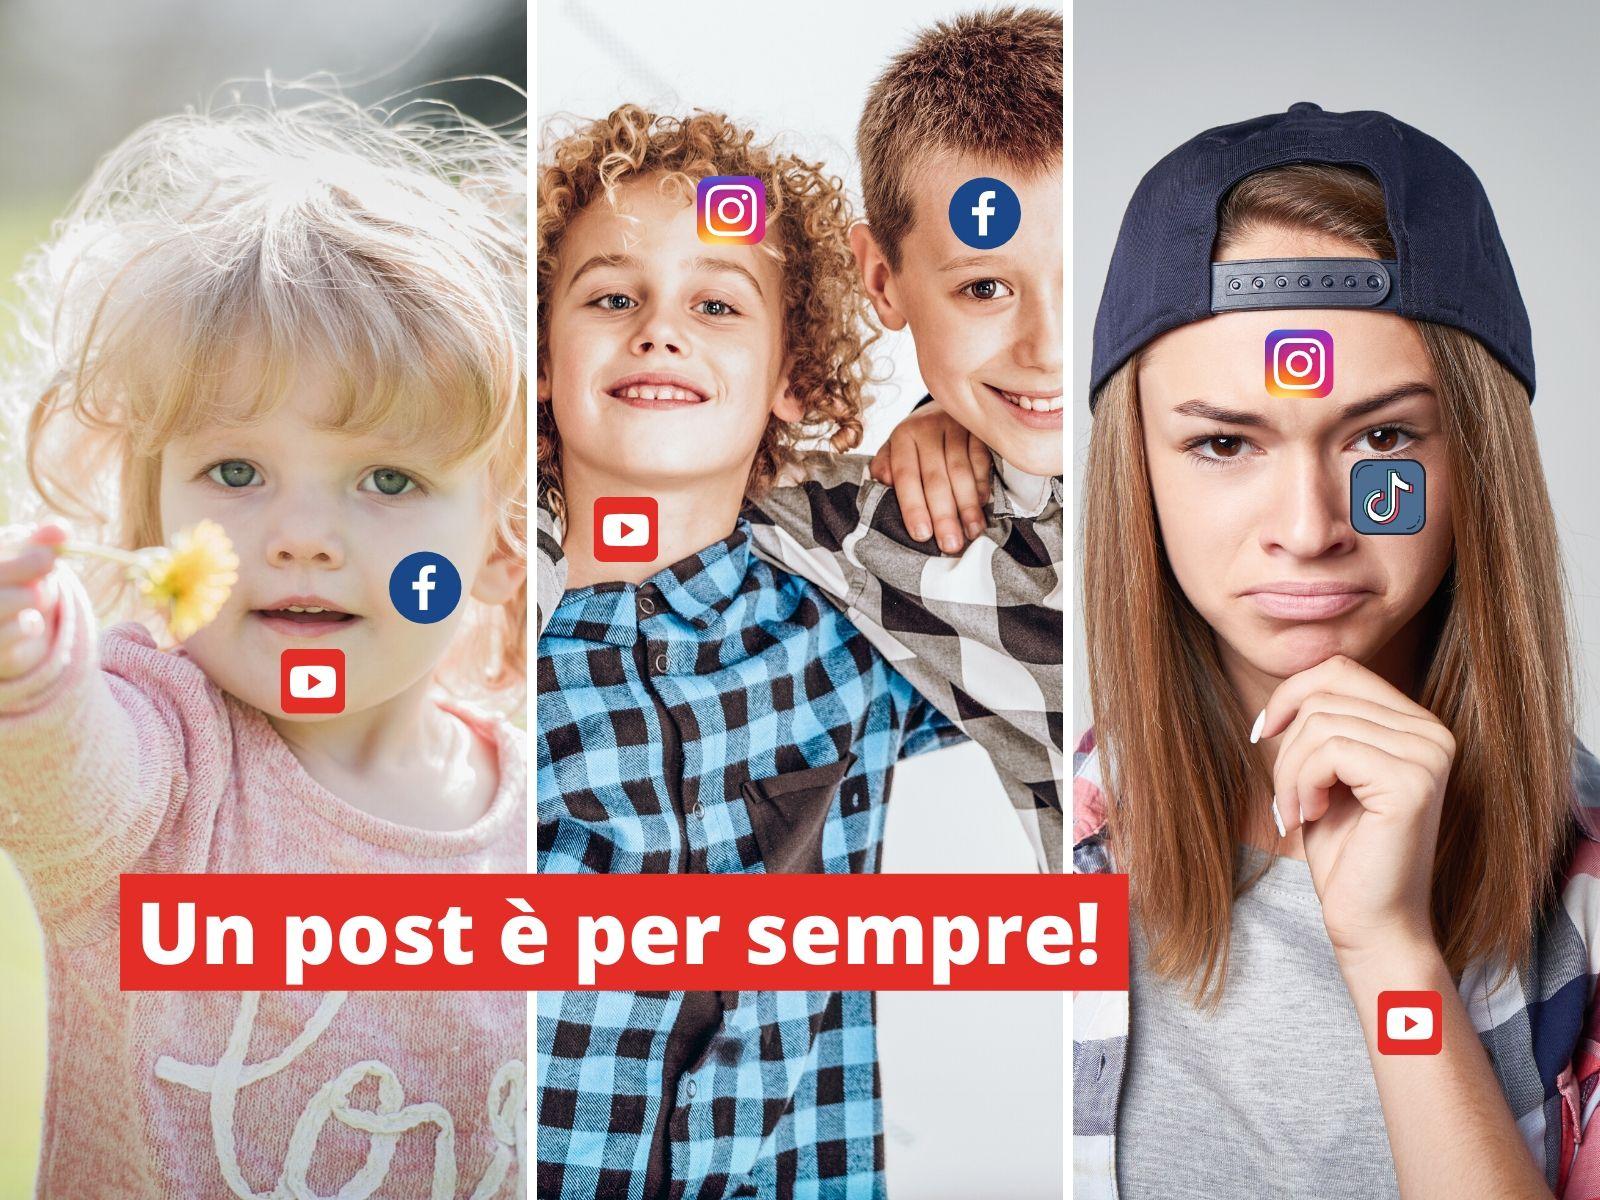 pubblicare le foto dei tuoi figli online sharenting